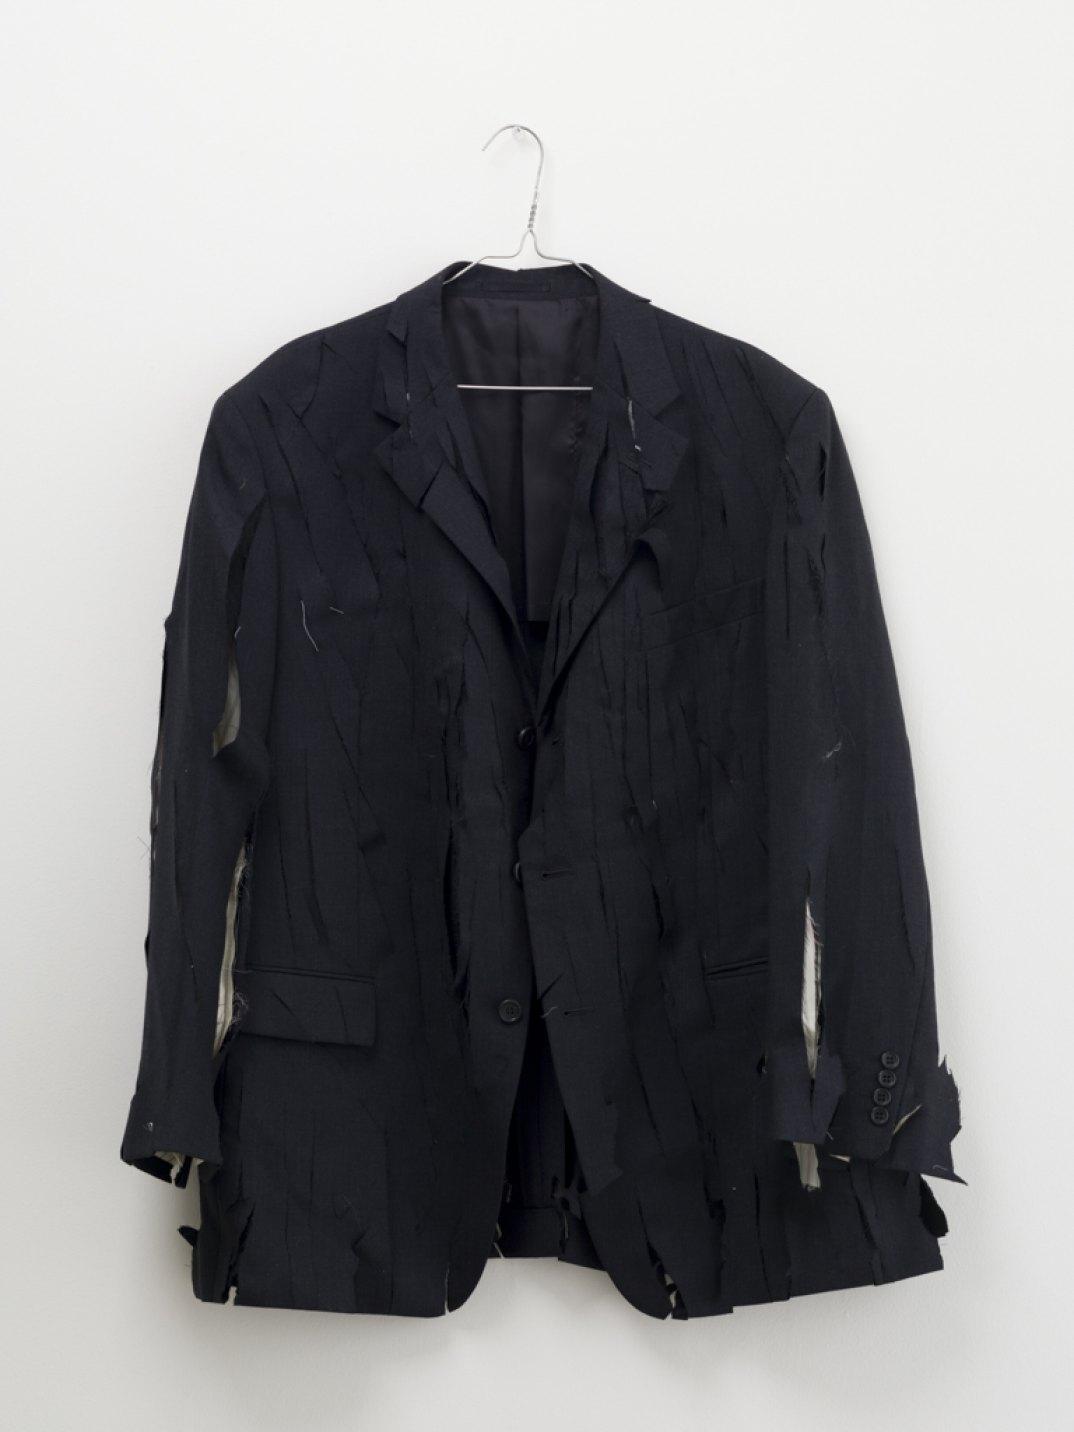 Ken Kagami, <em>Lucio Fontana's Jacket</em>, 2017, jacket, 87 × 57 cm - Mendes Wood DM